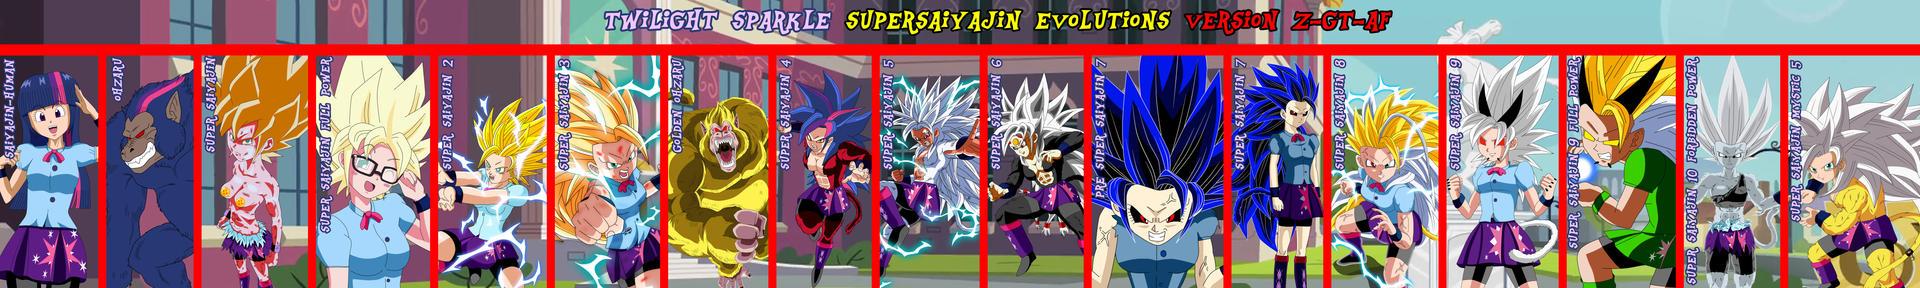 Twilight Supersaiyajin Evolutions Version Z-GT-AF